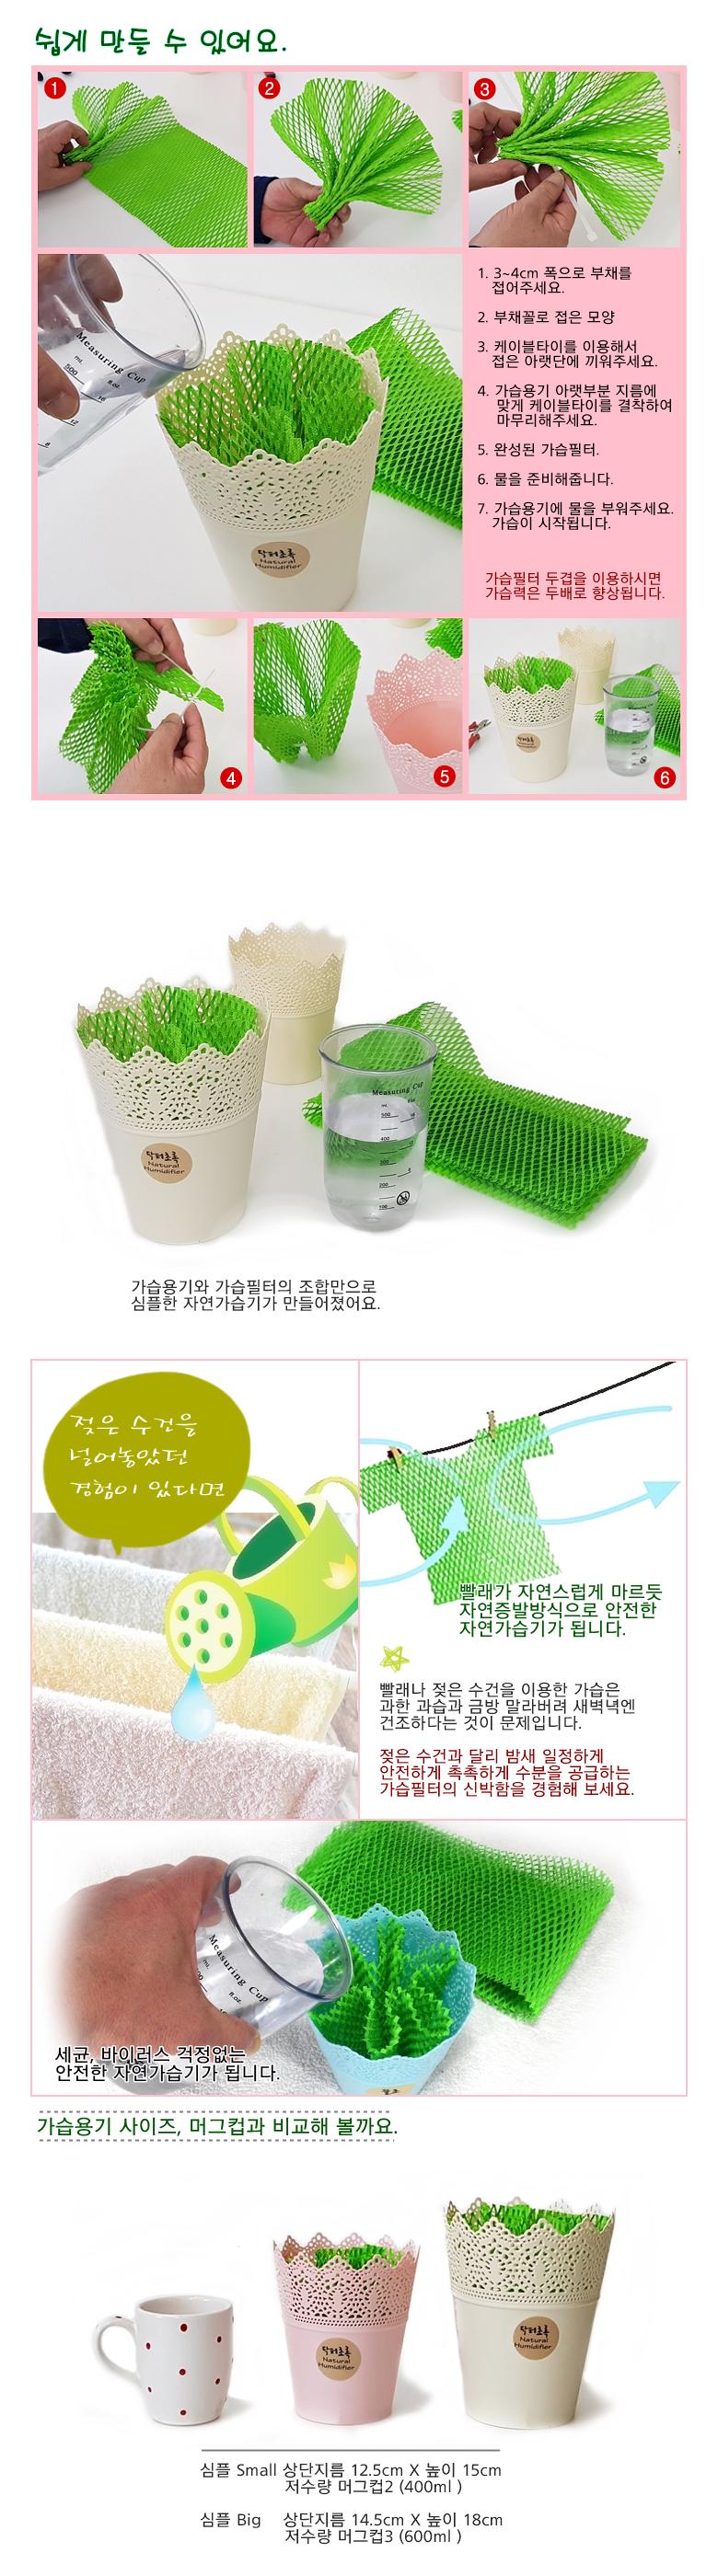 심플 D.I.Y 자연가습기 만들기 세트 - 풀초, 17,000원, 가습기, 자연 회식 가습기